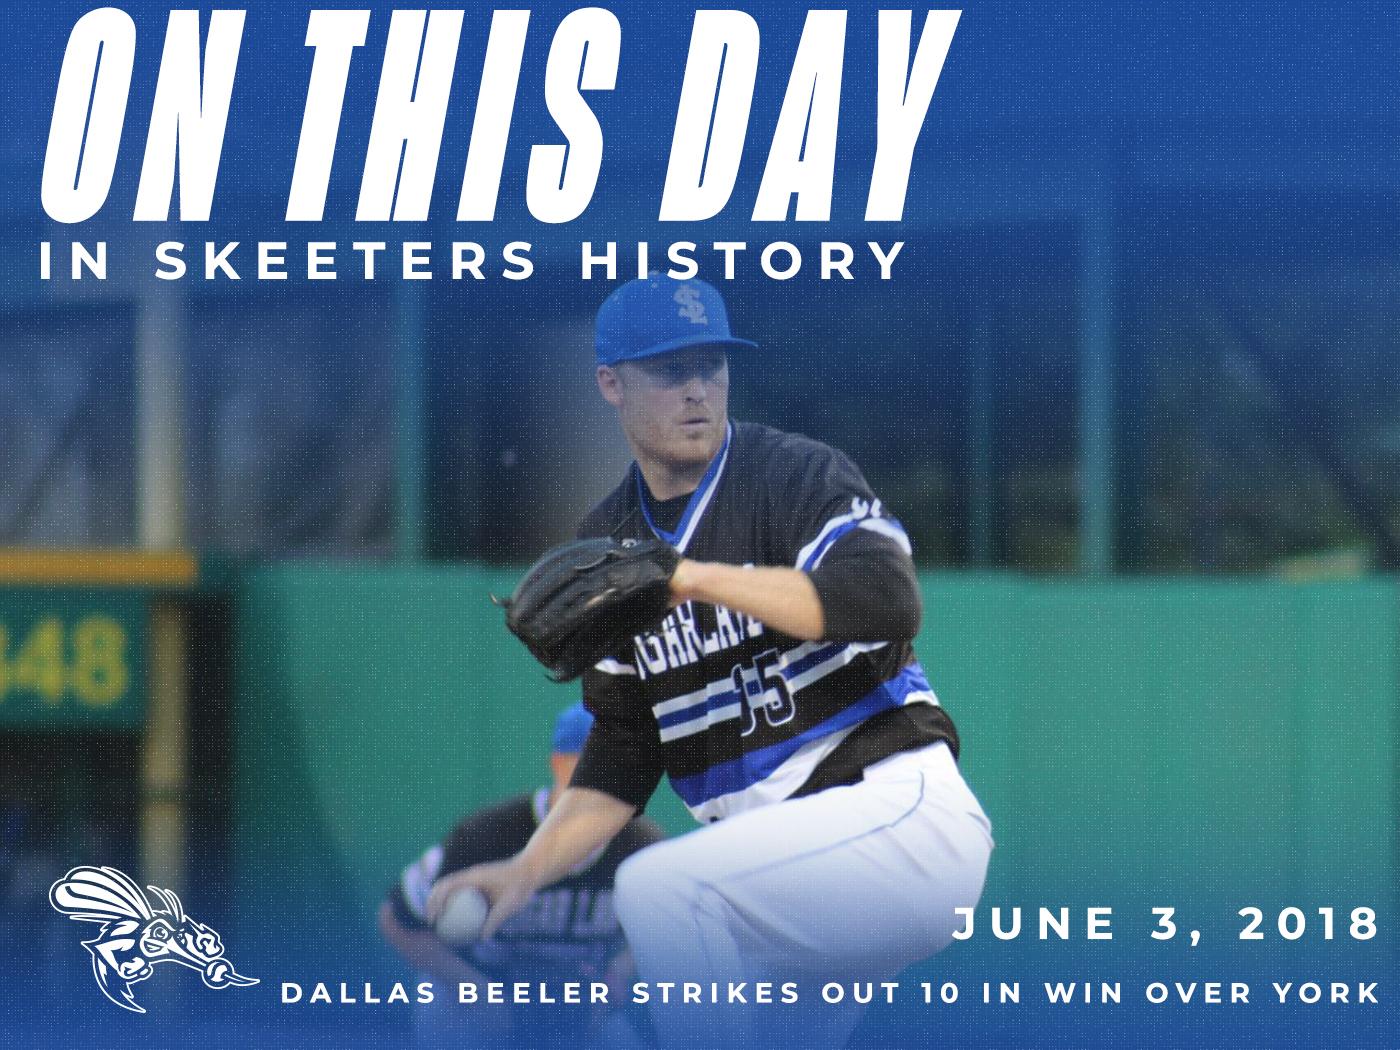 This Day in Skeeters History: June 3